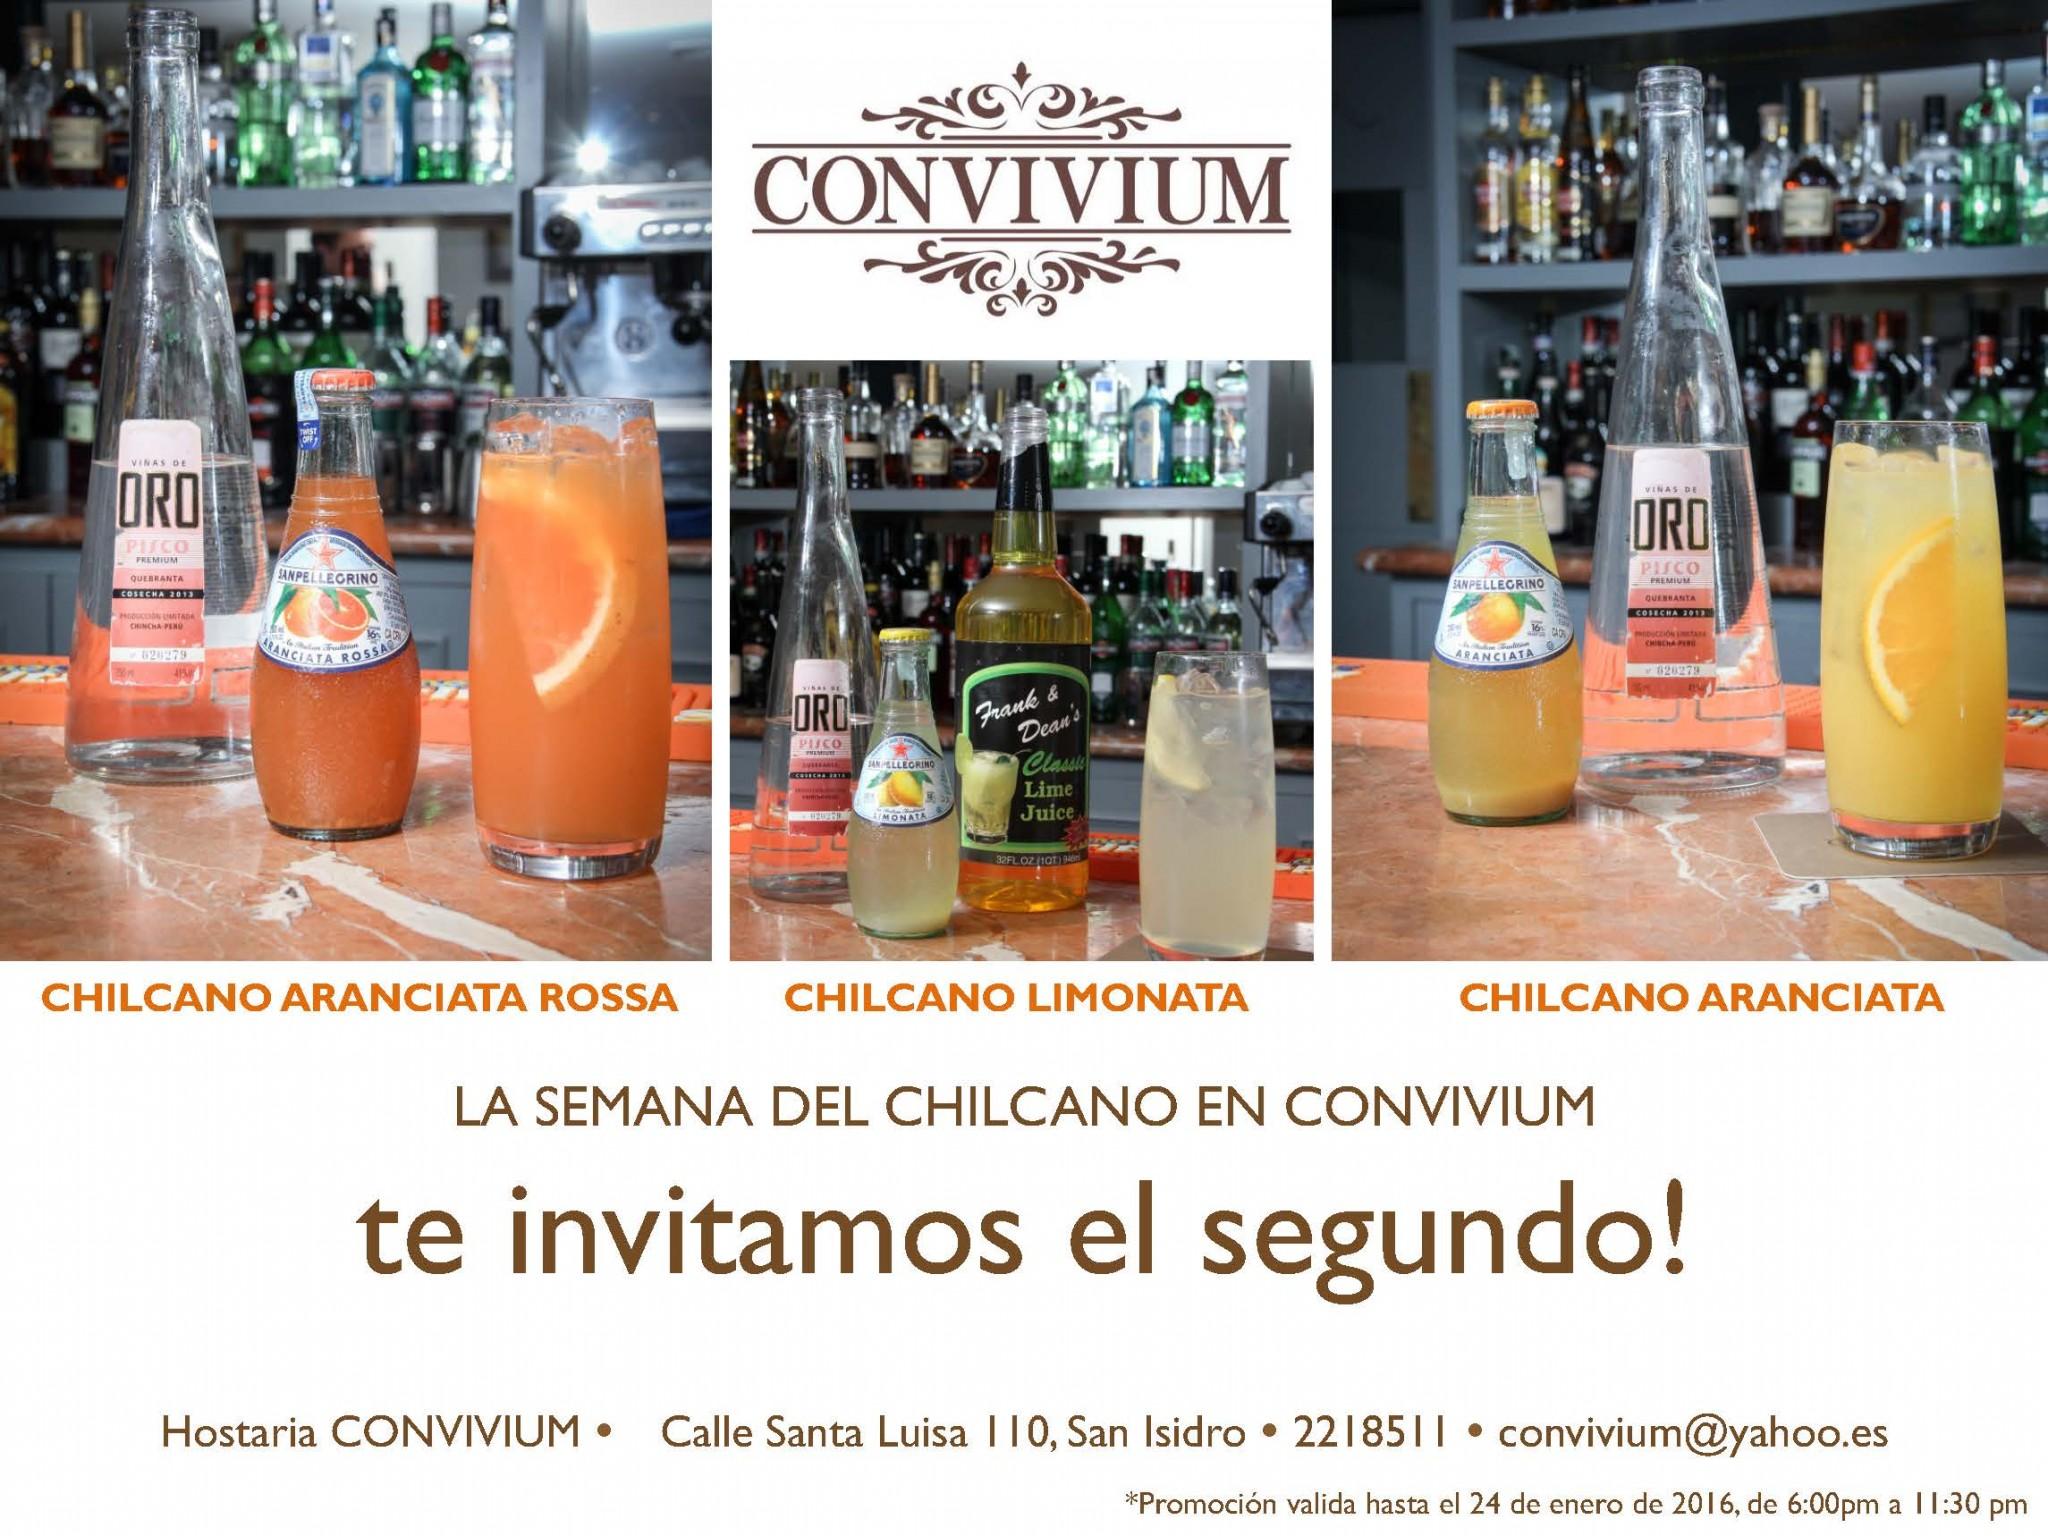 Semana del Chilcano_CONVIVIUM